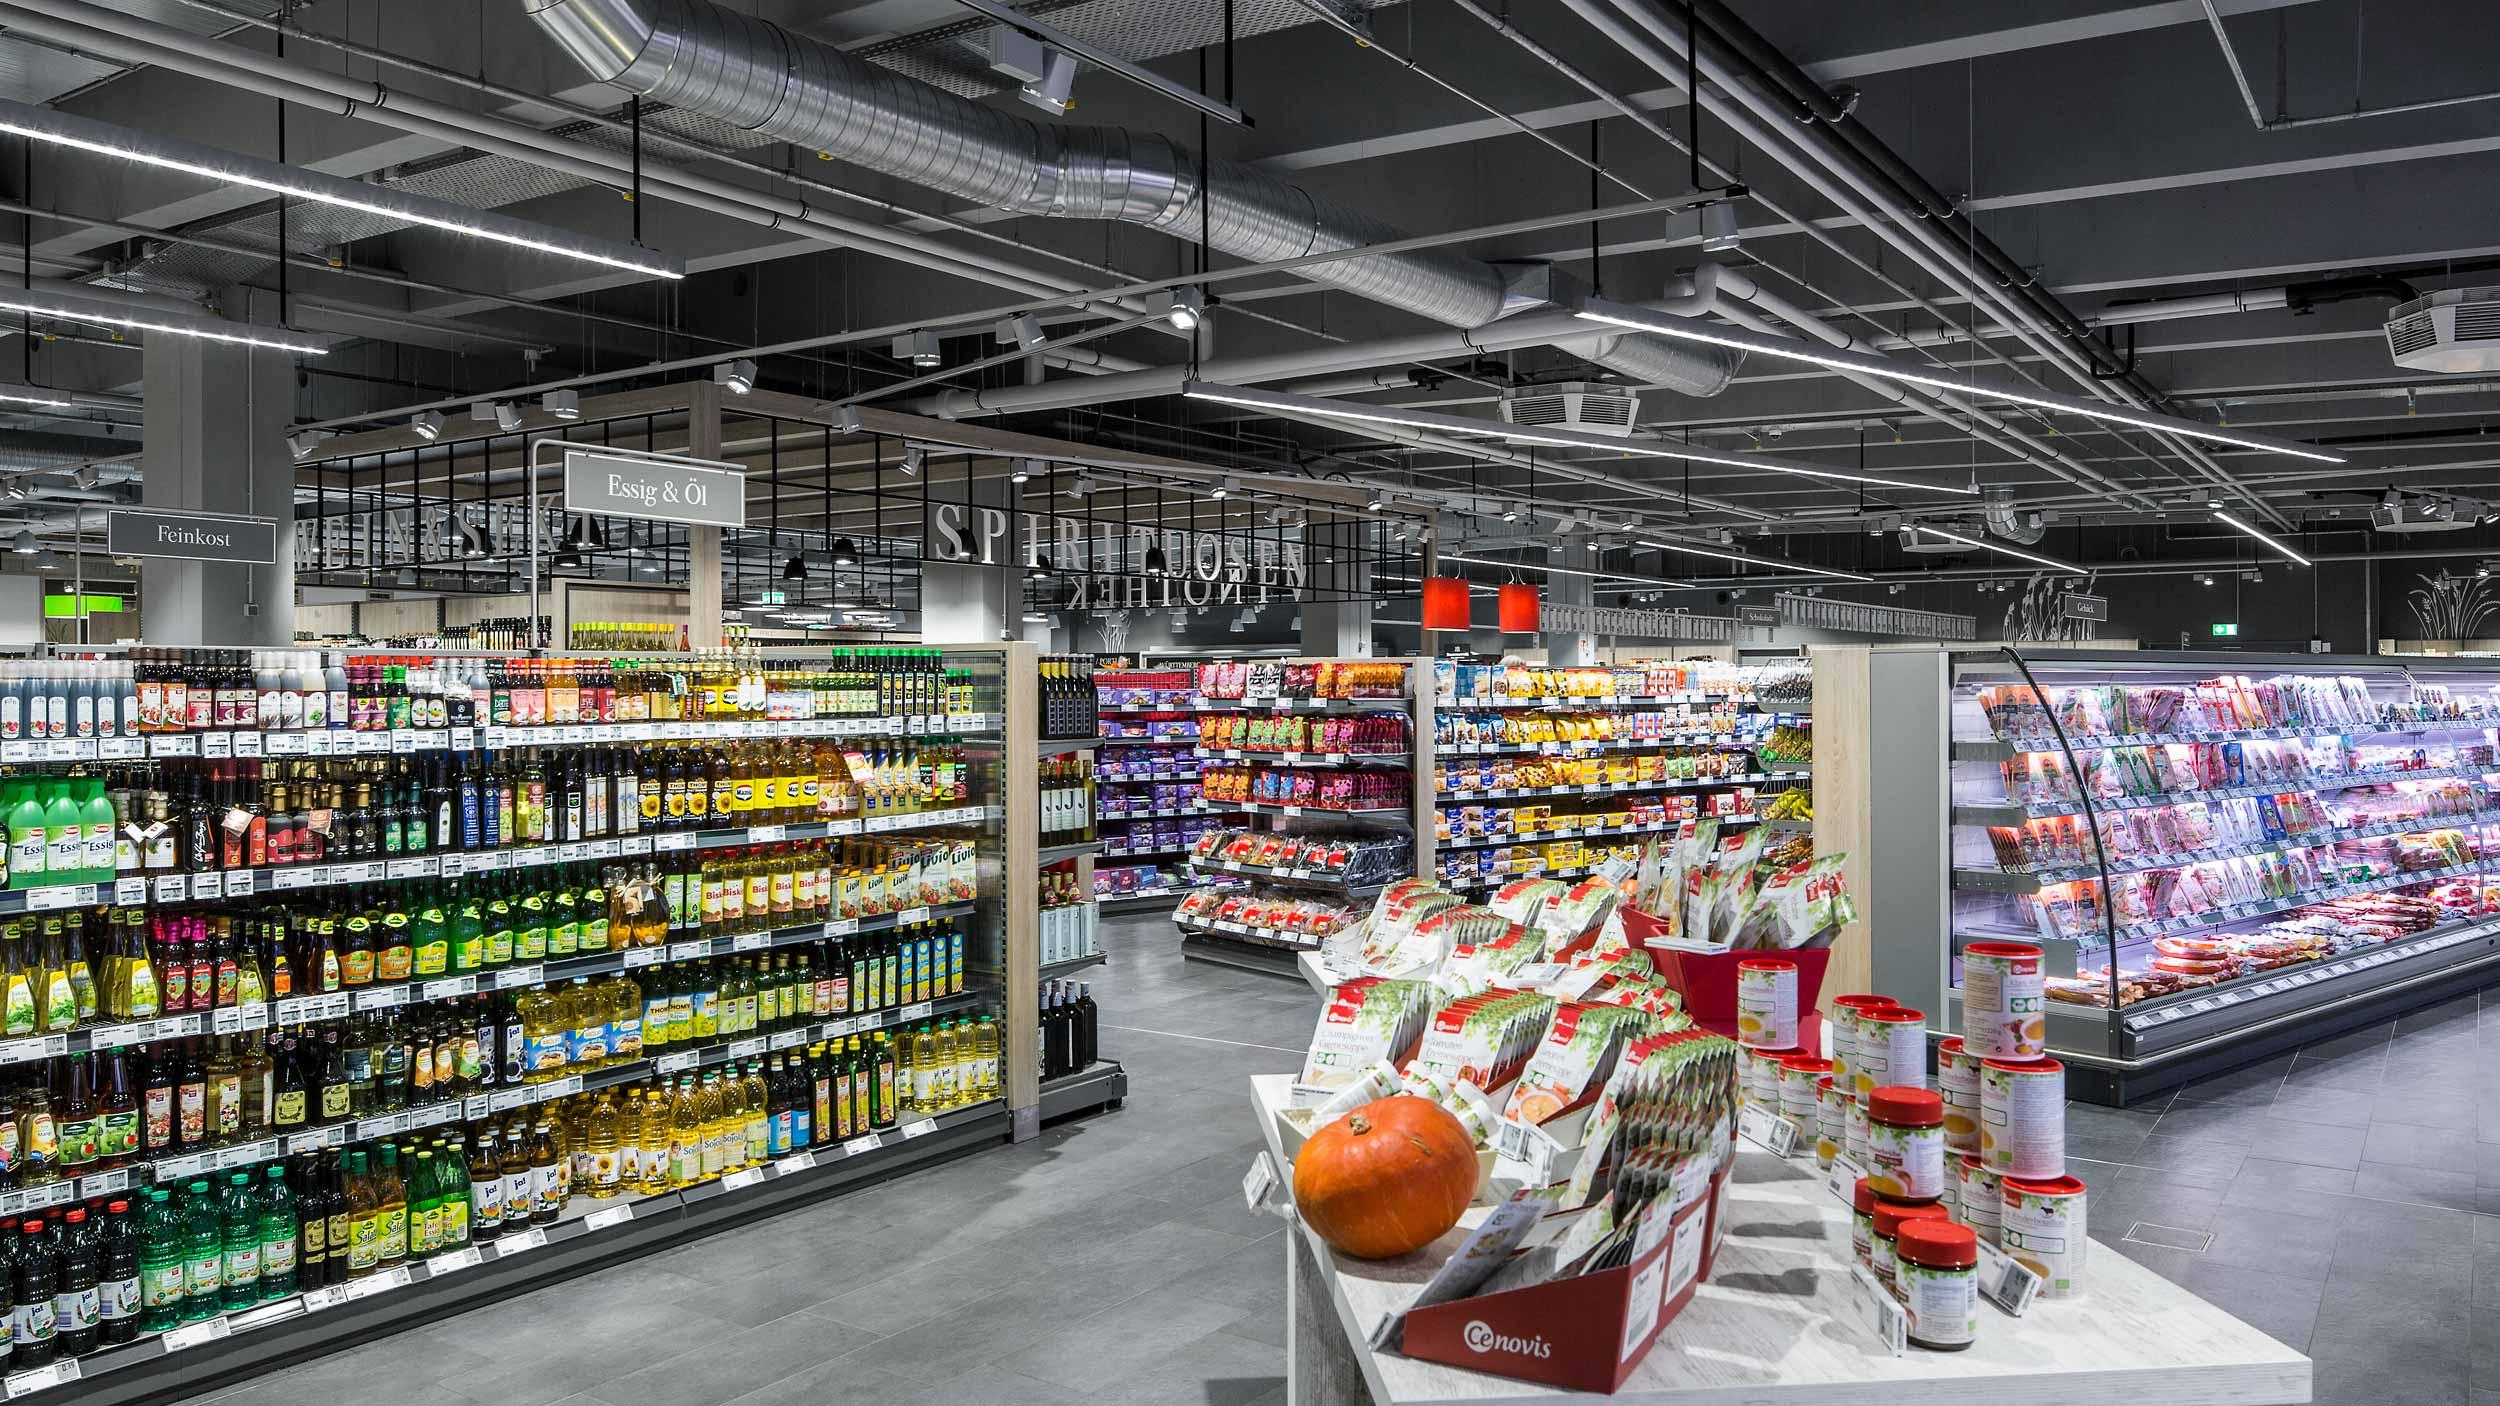 Lenka In Supermarket